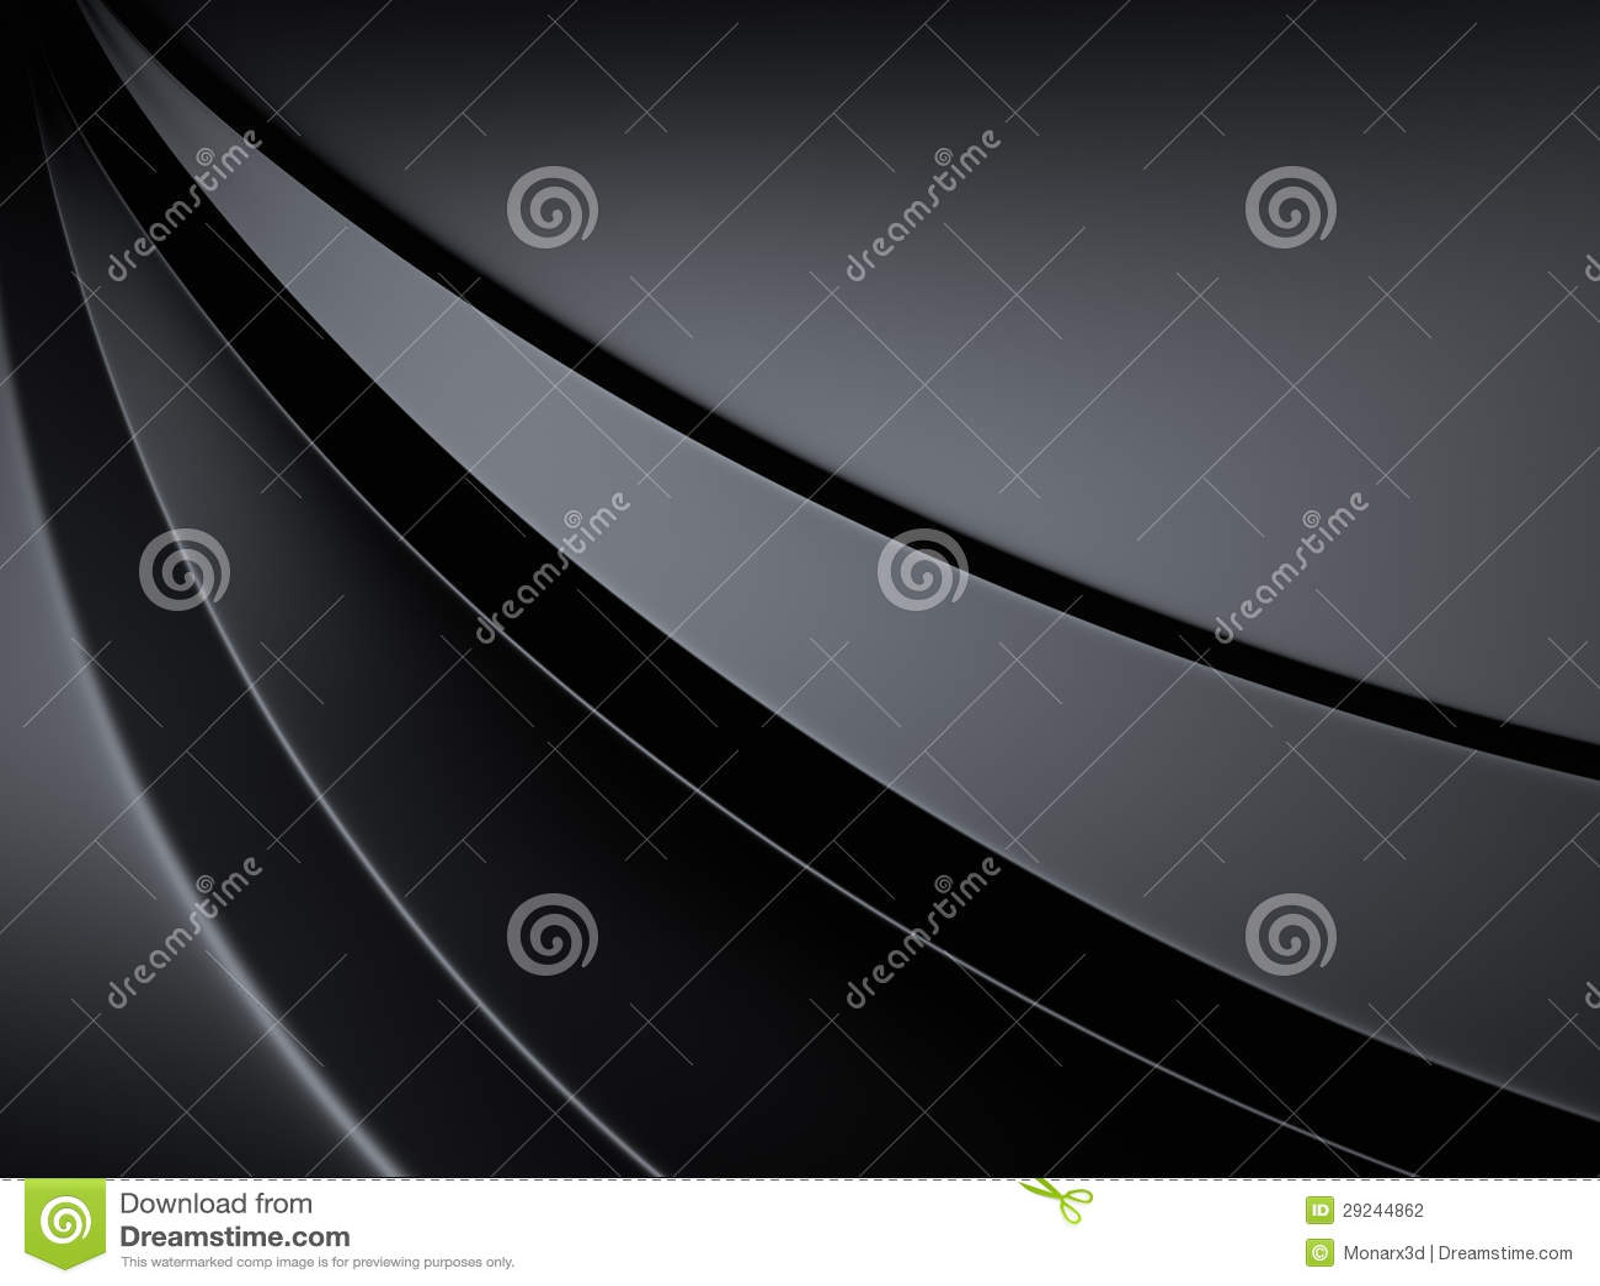 Download Fundo Metálico Elegante Com Linhas Da Curva Ilustração Stock - Ilustração de elegance, curvado: 29244862